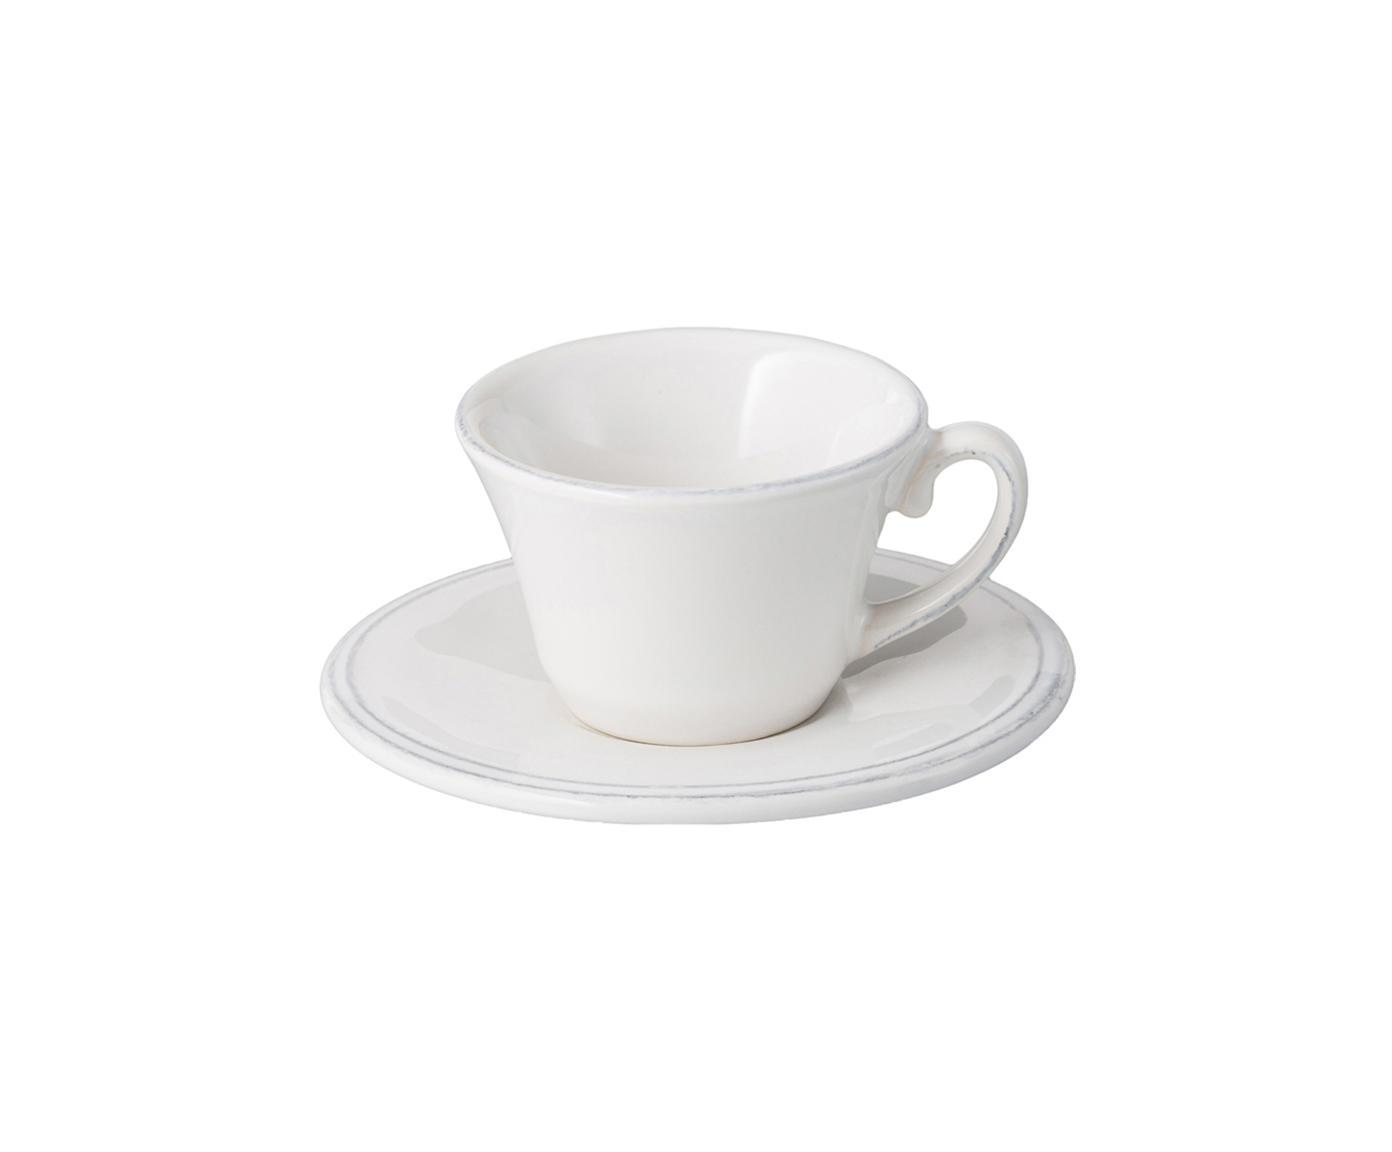 Set de tazas de café Constance, 12pzas., Cerámica, Blanco, Ø 13 x Al 6 cm